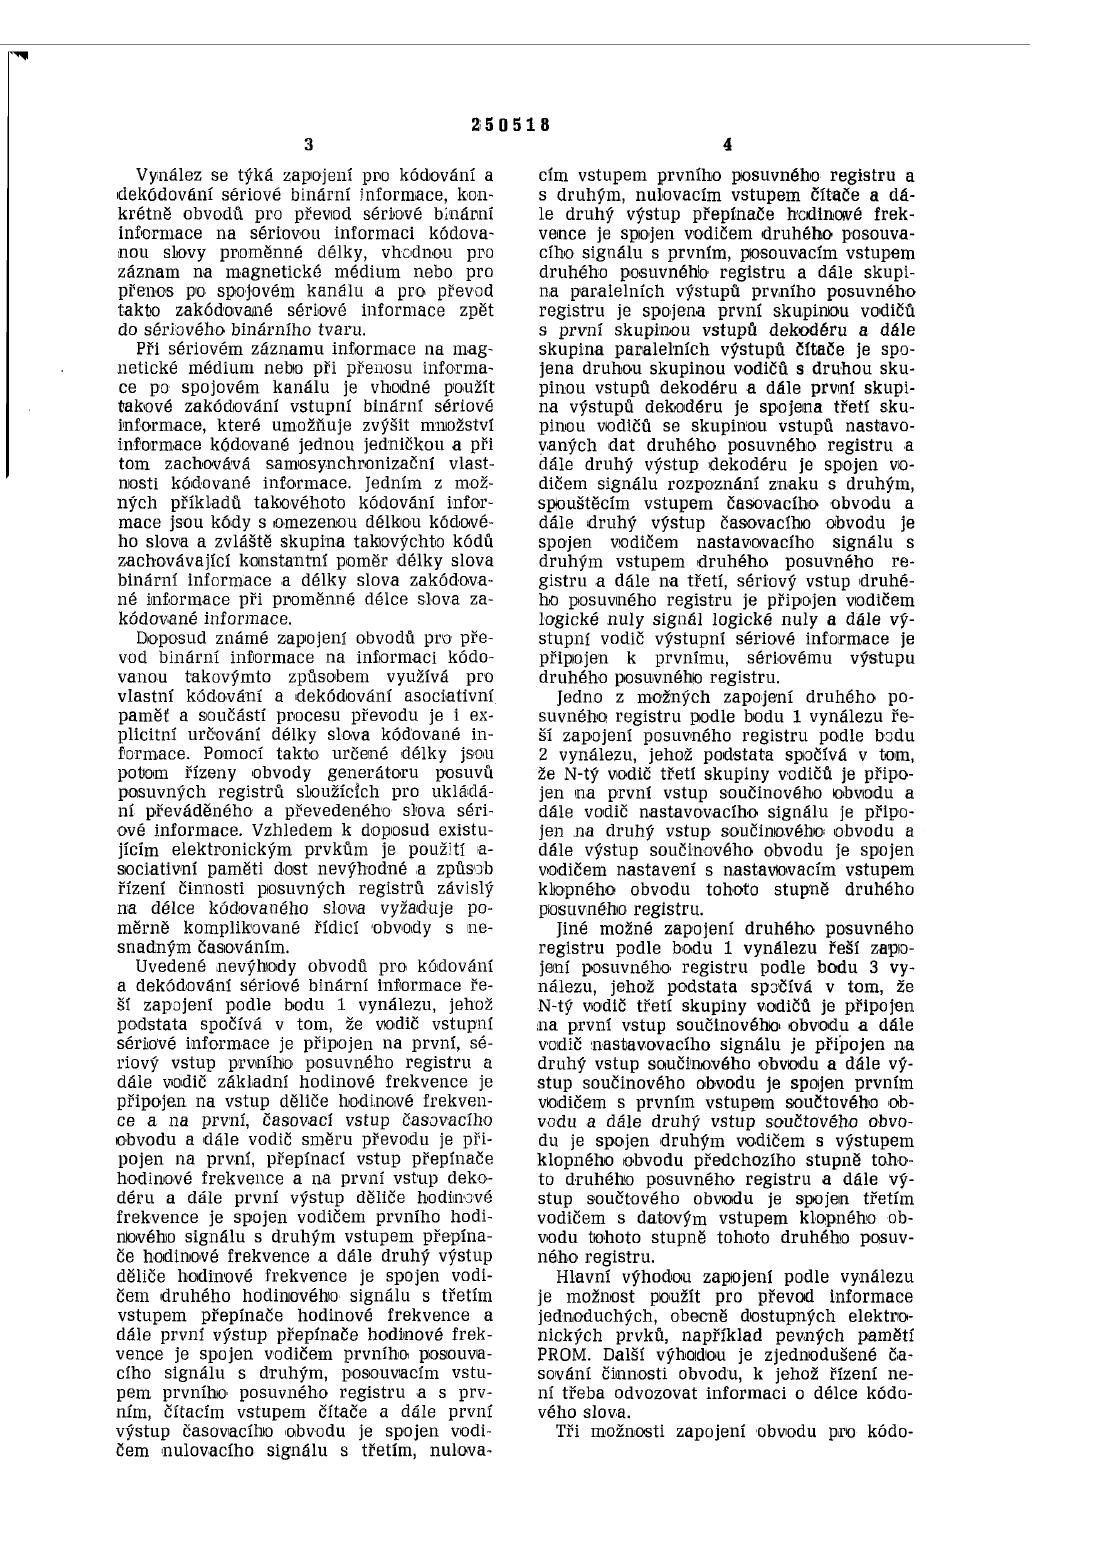 Zapojení pro kódování a dekódování sériové binární informace — 15.04.1987 —  250518 — Databáza patentov Slovenska bfda88cdf2d